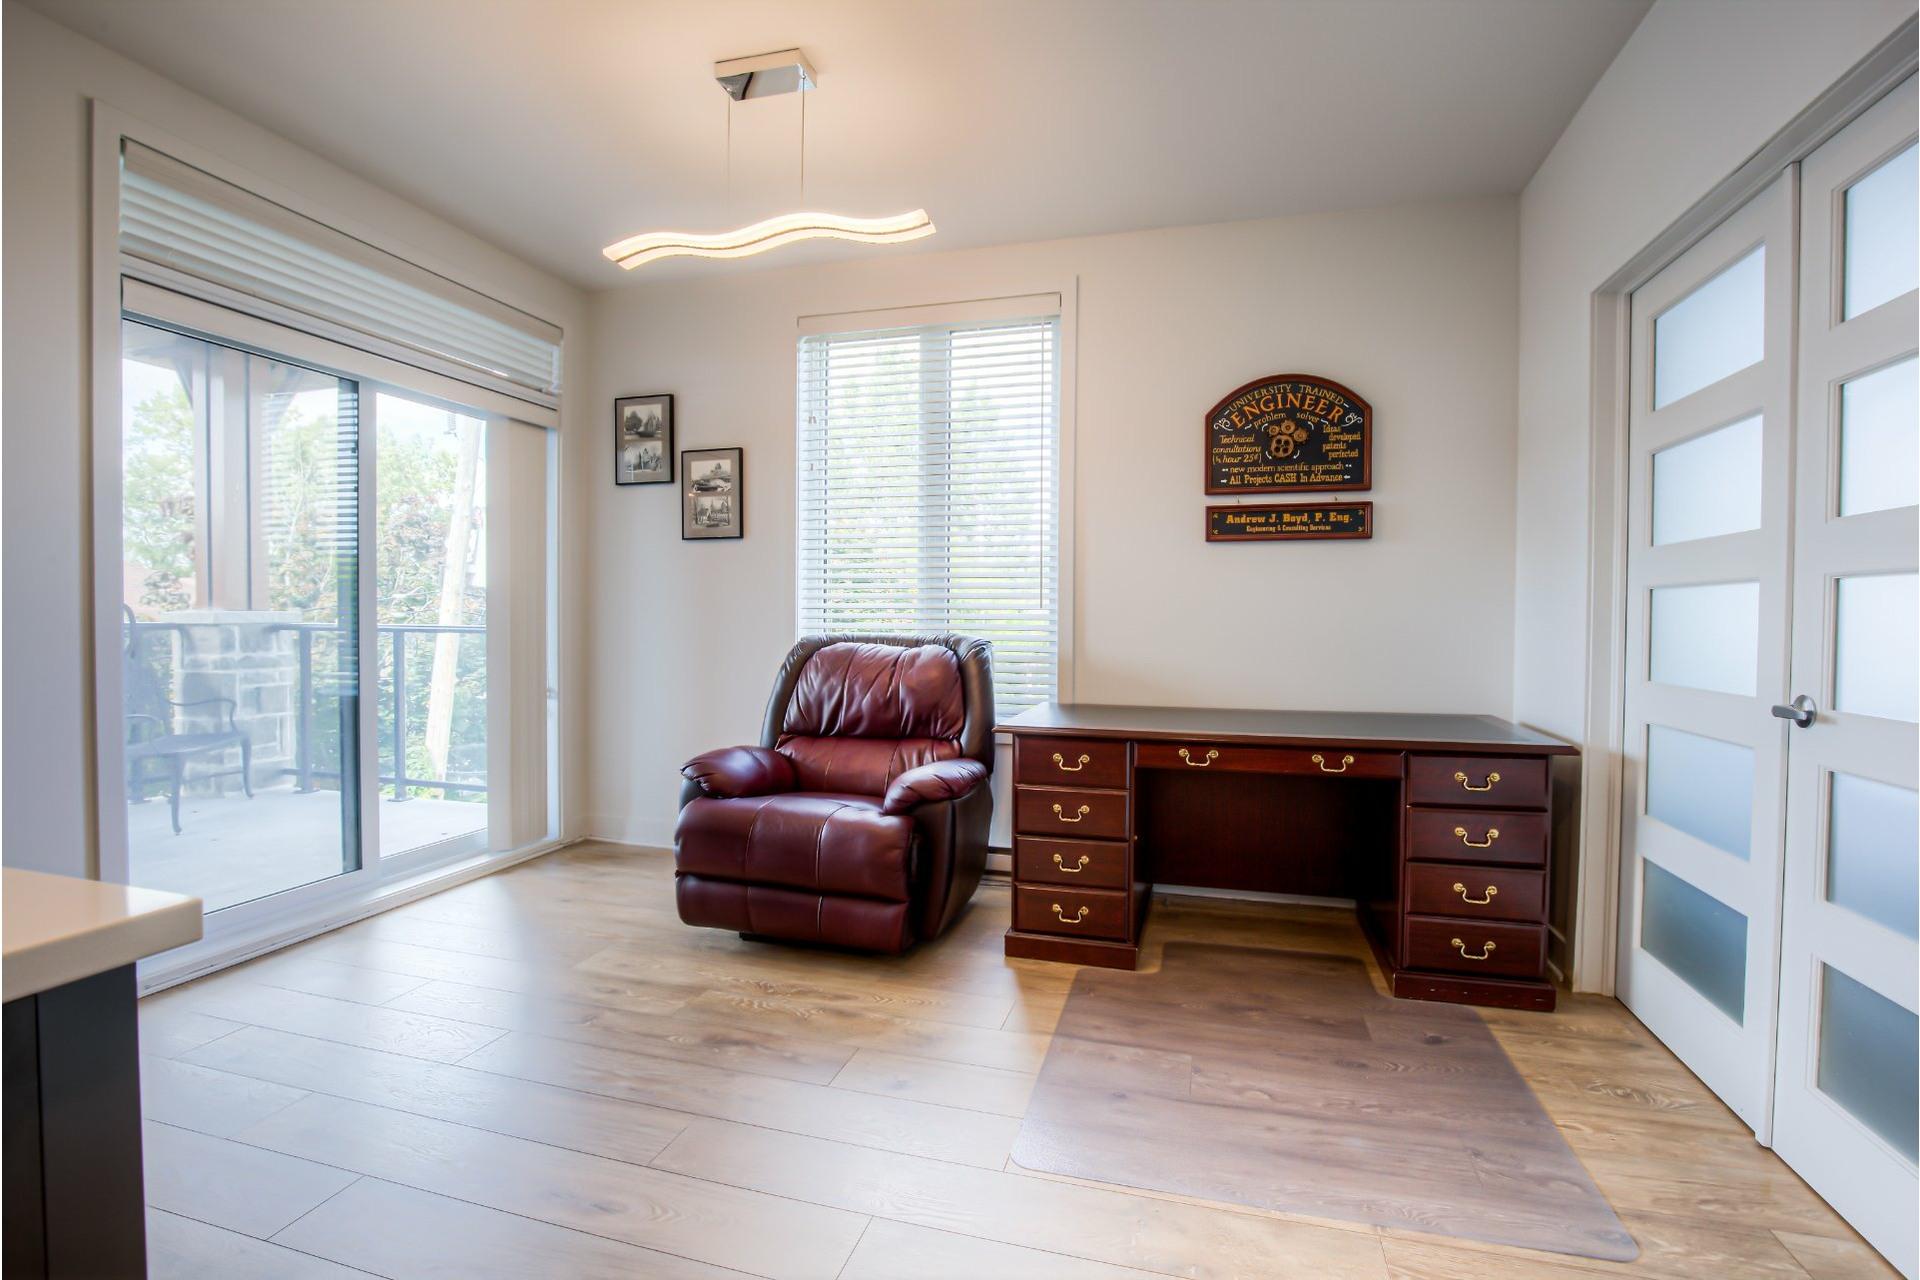 image 10 - Appartement À vendre Beaconsfield - 8 pièces